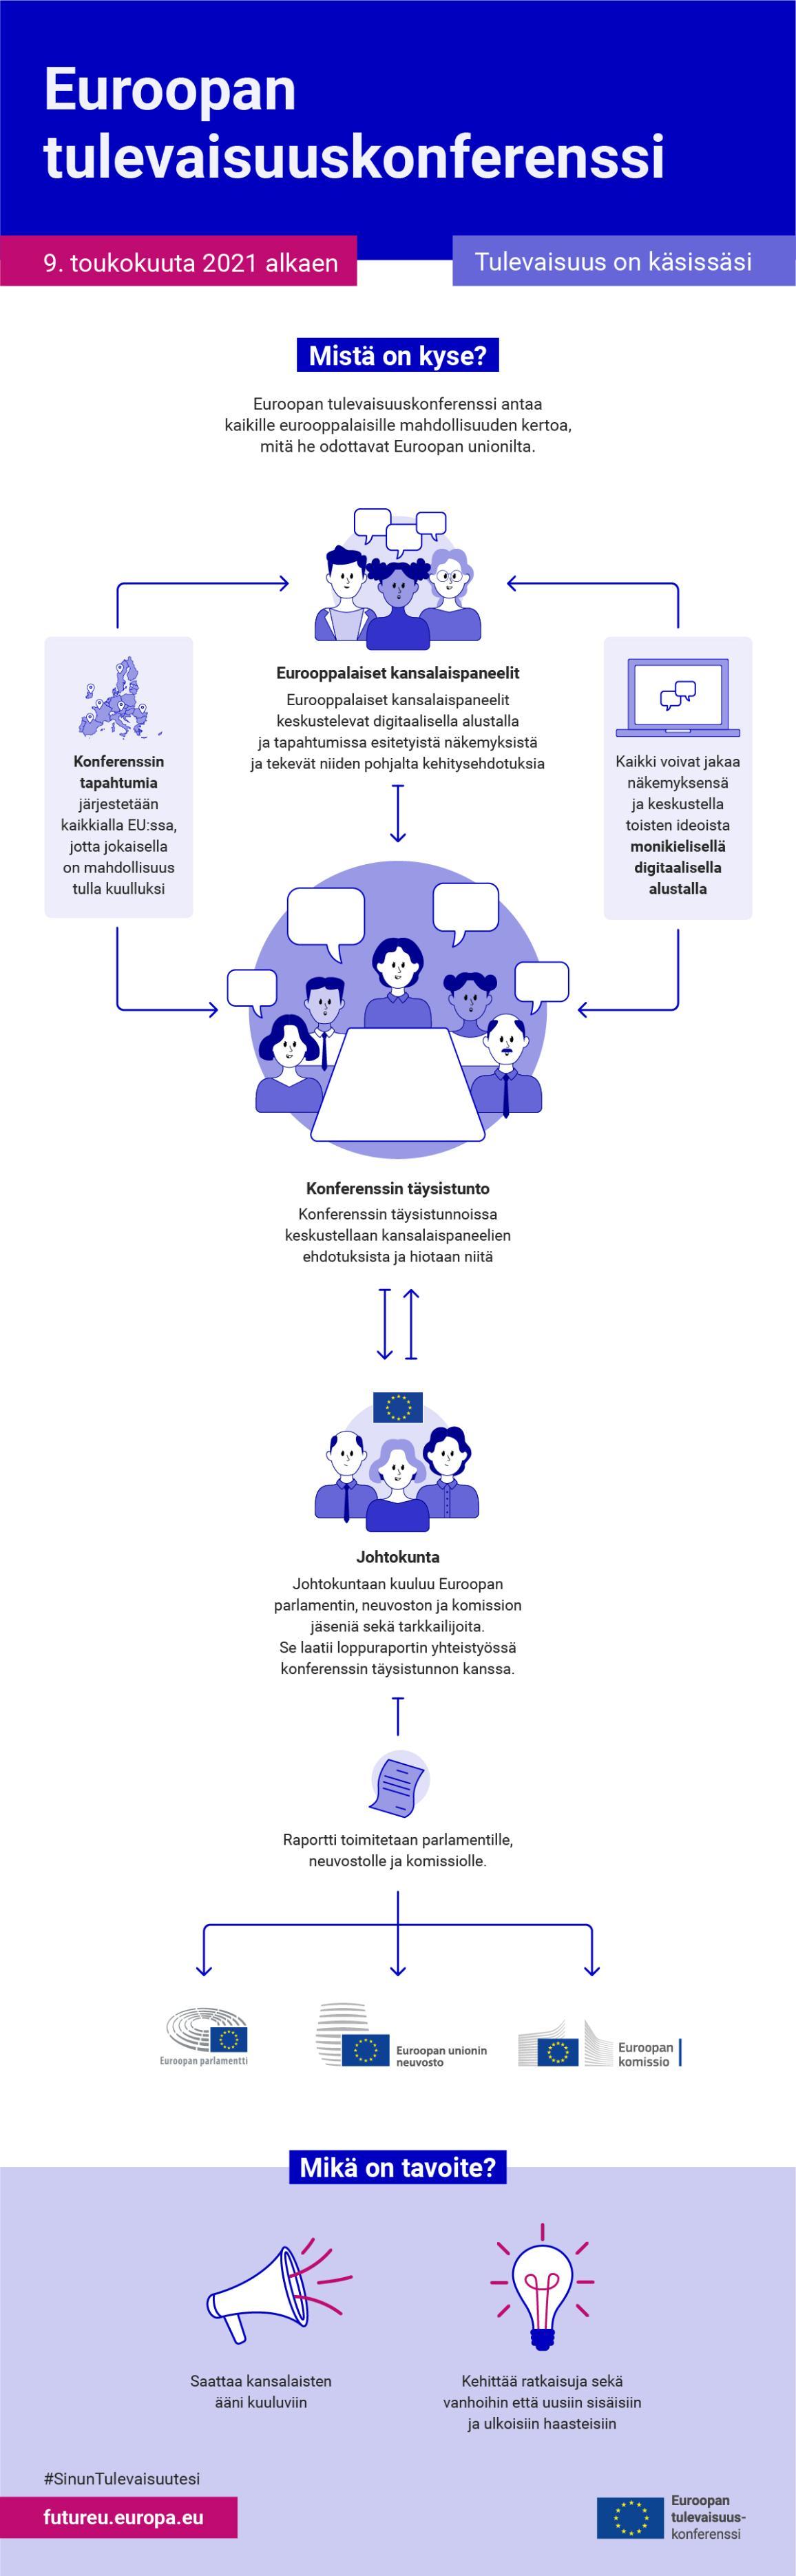 Infografiikka, joka selittää kuinka Euroopan tulevaisuuskonferenssi toimii.